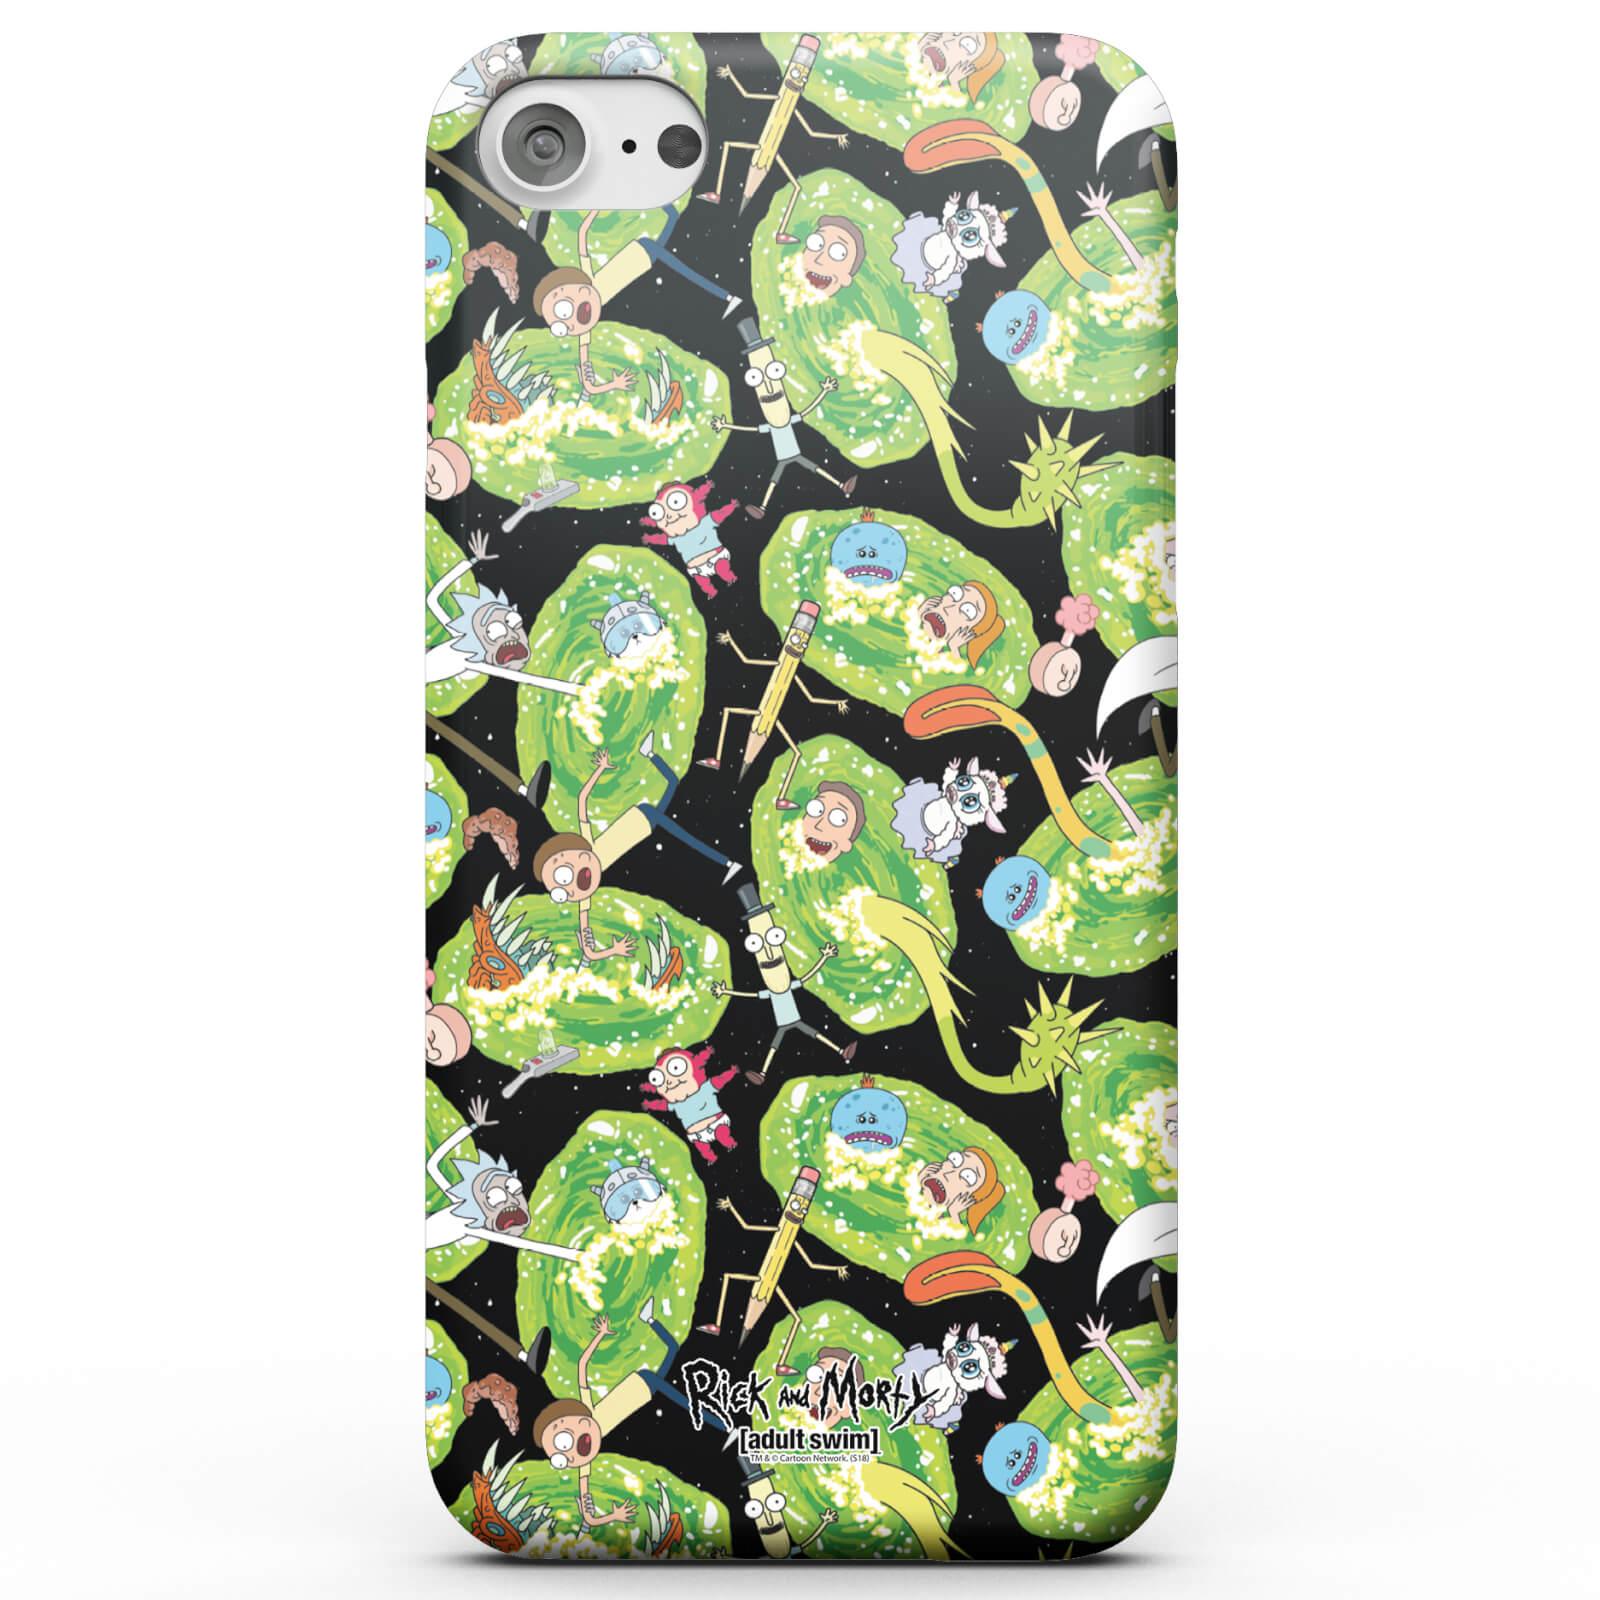 Rick and Morty Coque Smartphone Rick et Morty Portail Galactique et Personnages - iPhone & Android - Samsung Note 8 - Coque Double Épaisseur Matte